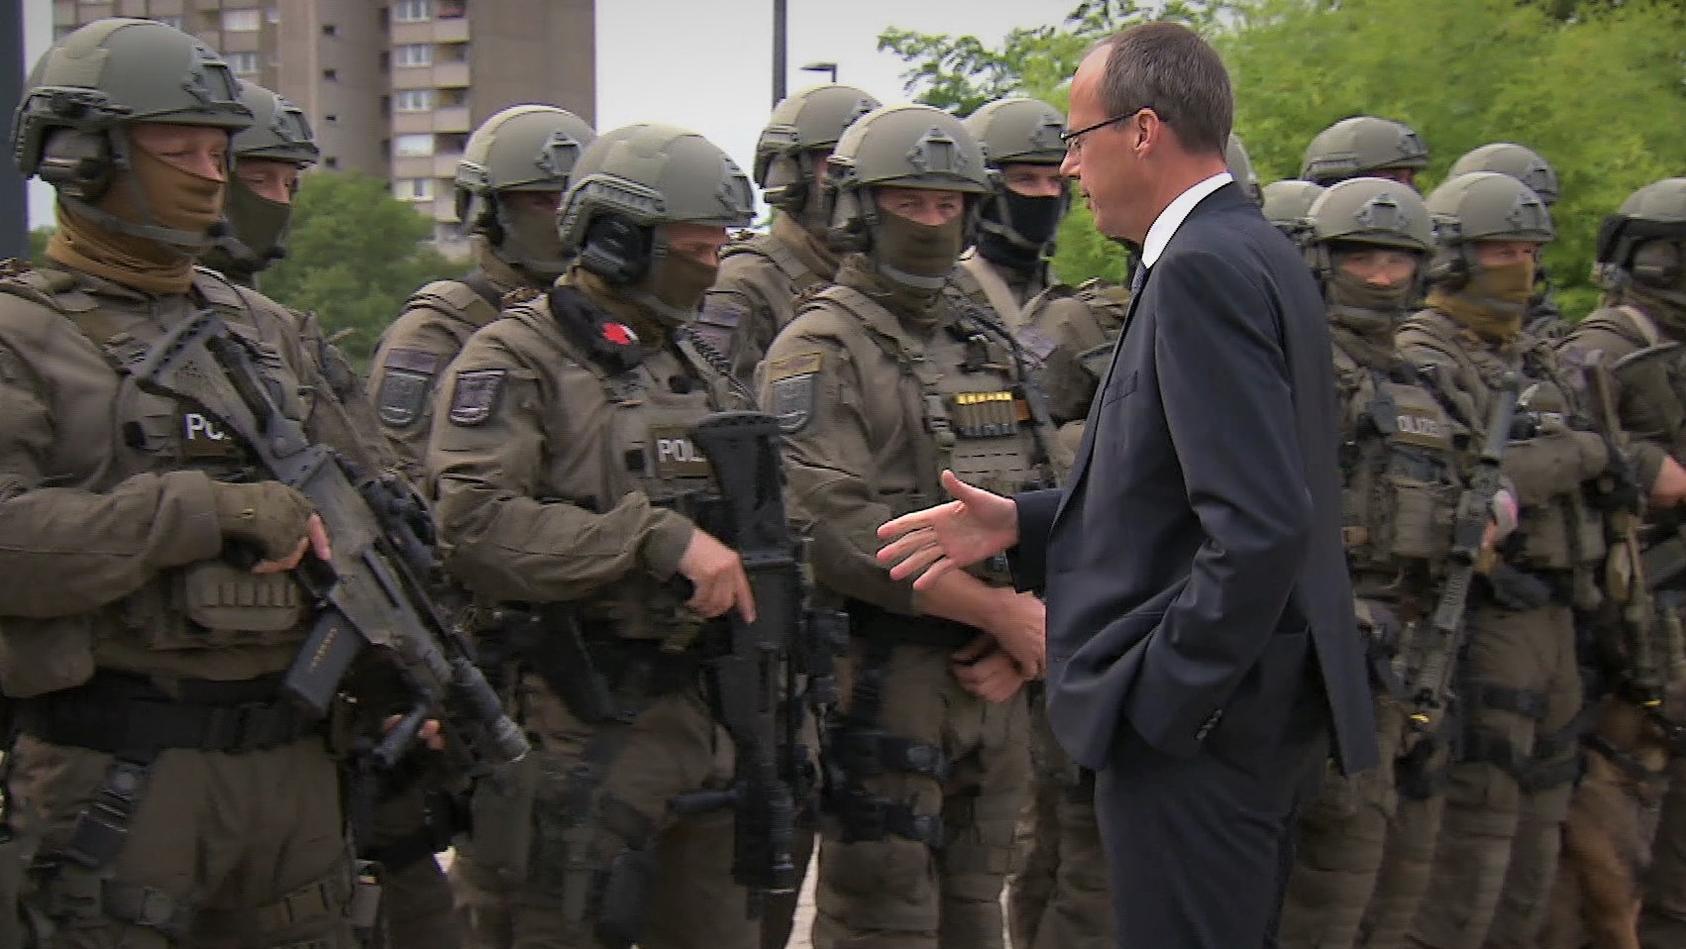 Peter Beuth hat das SEK in Frankfurt aufgelöst. 2017 hat der Innenminister eine Übung der Einheit noch besucht. (Archivfoto)